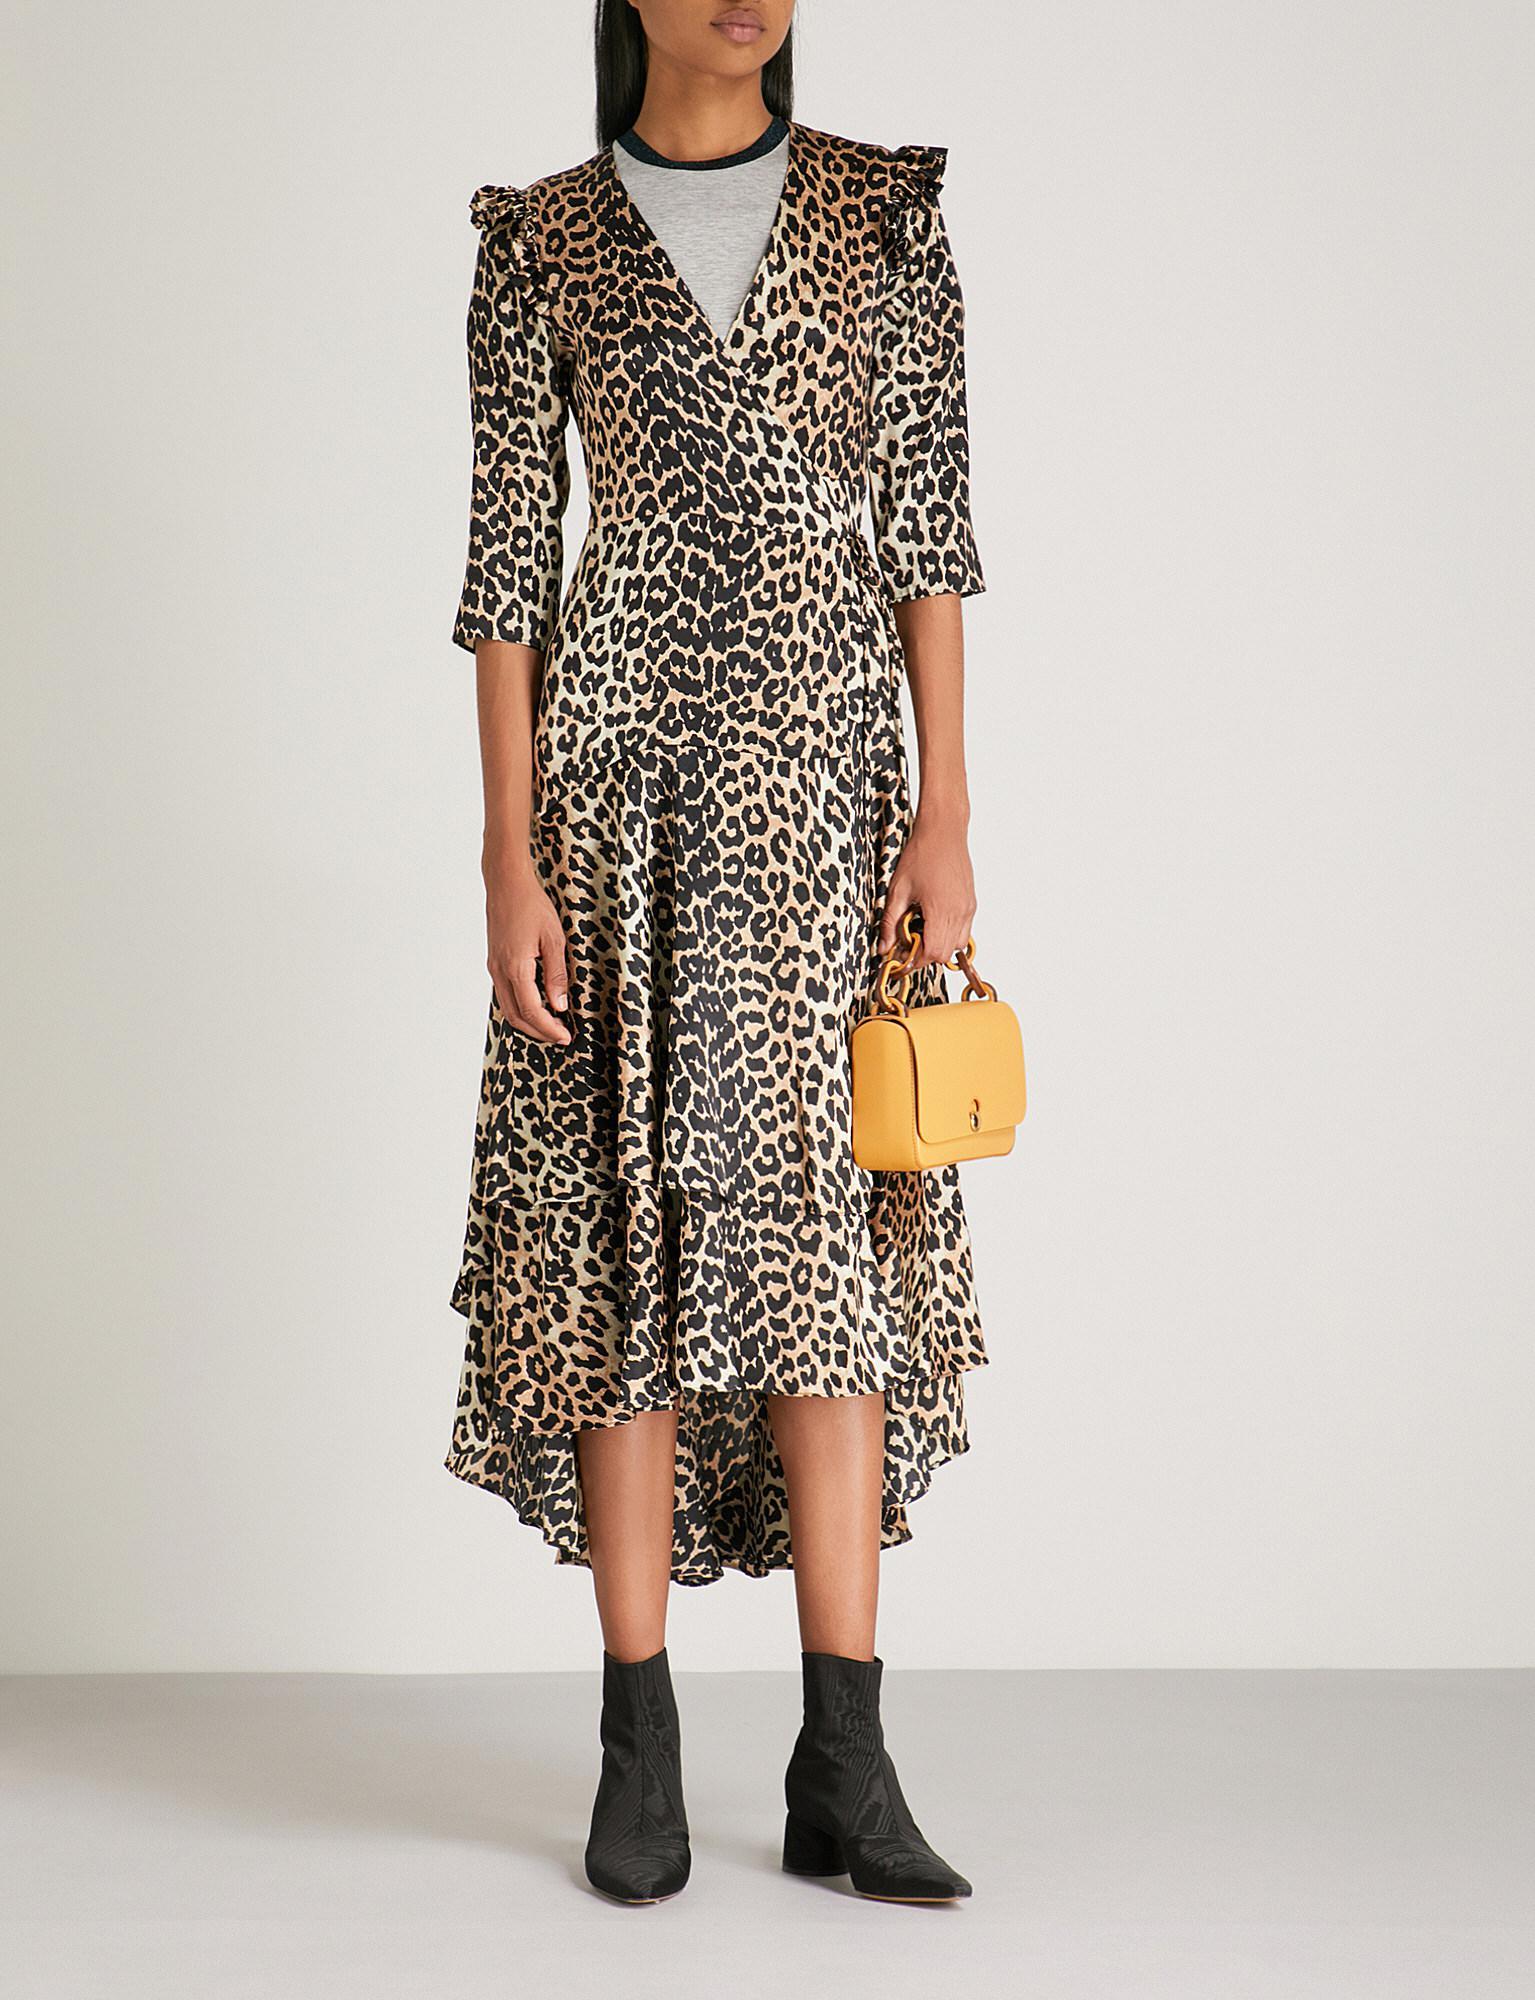 a7e45e26 Ganni Calla Leopard-print Stretch-silk Wrap Dress in Black - Lyst